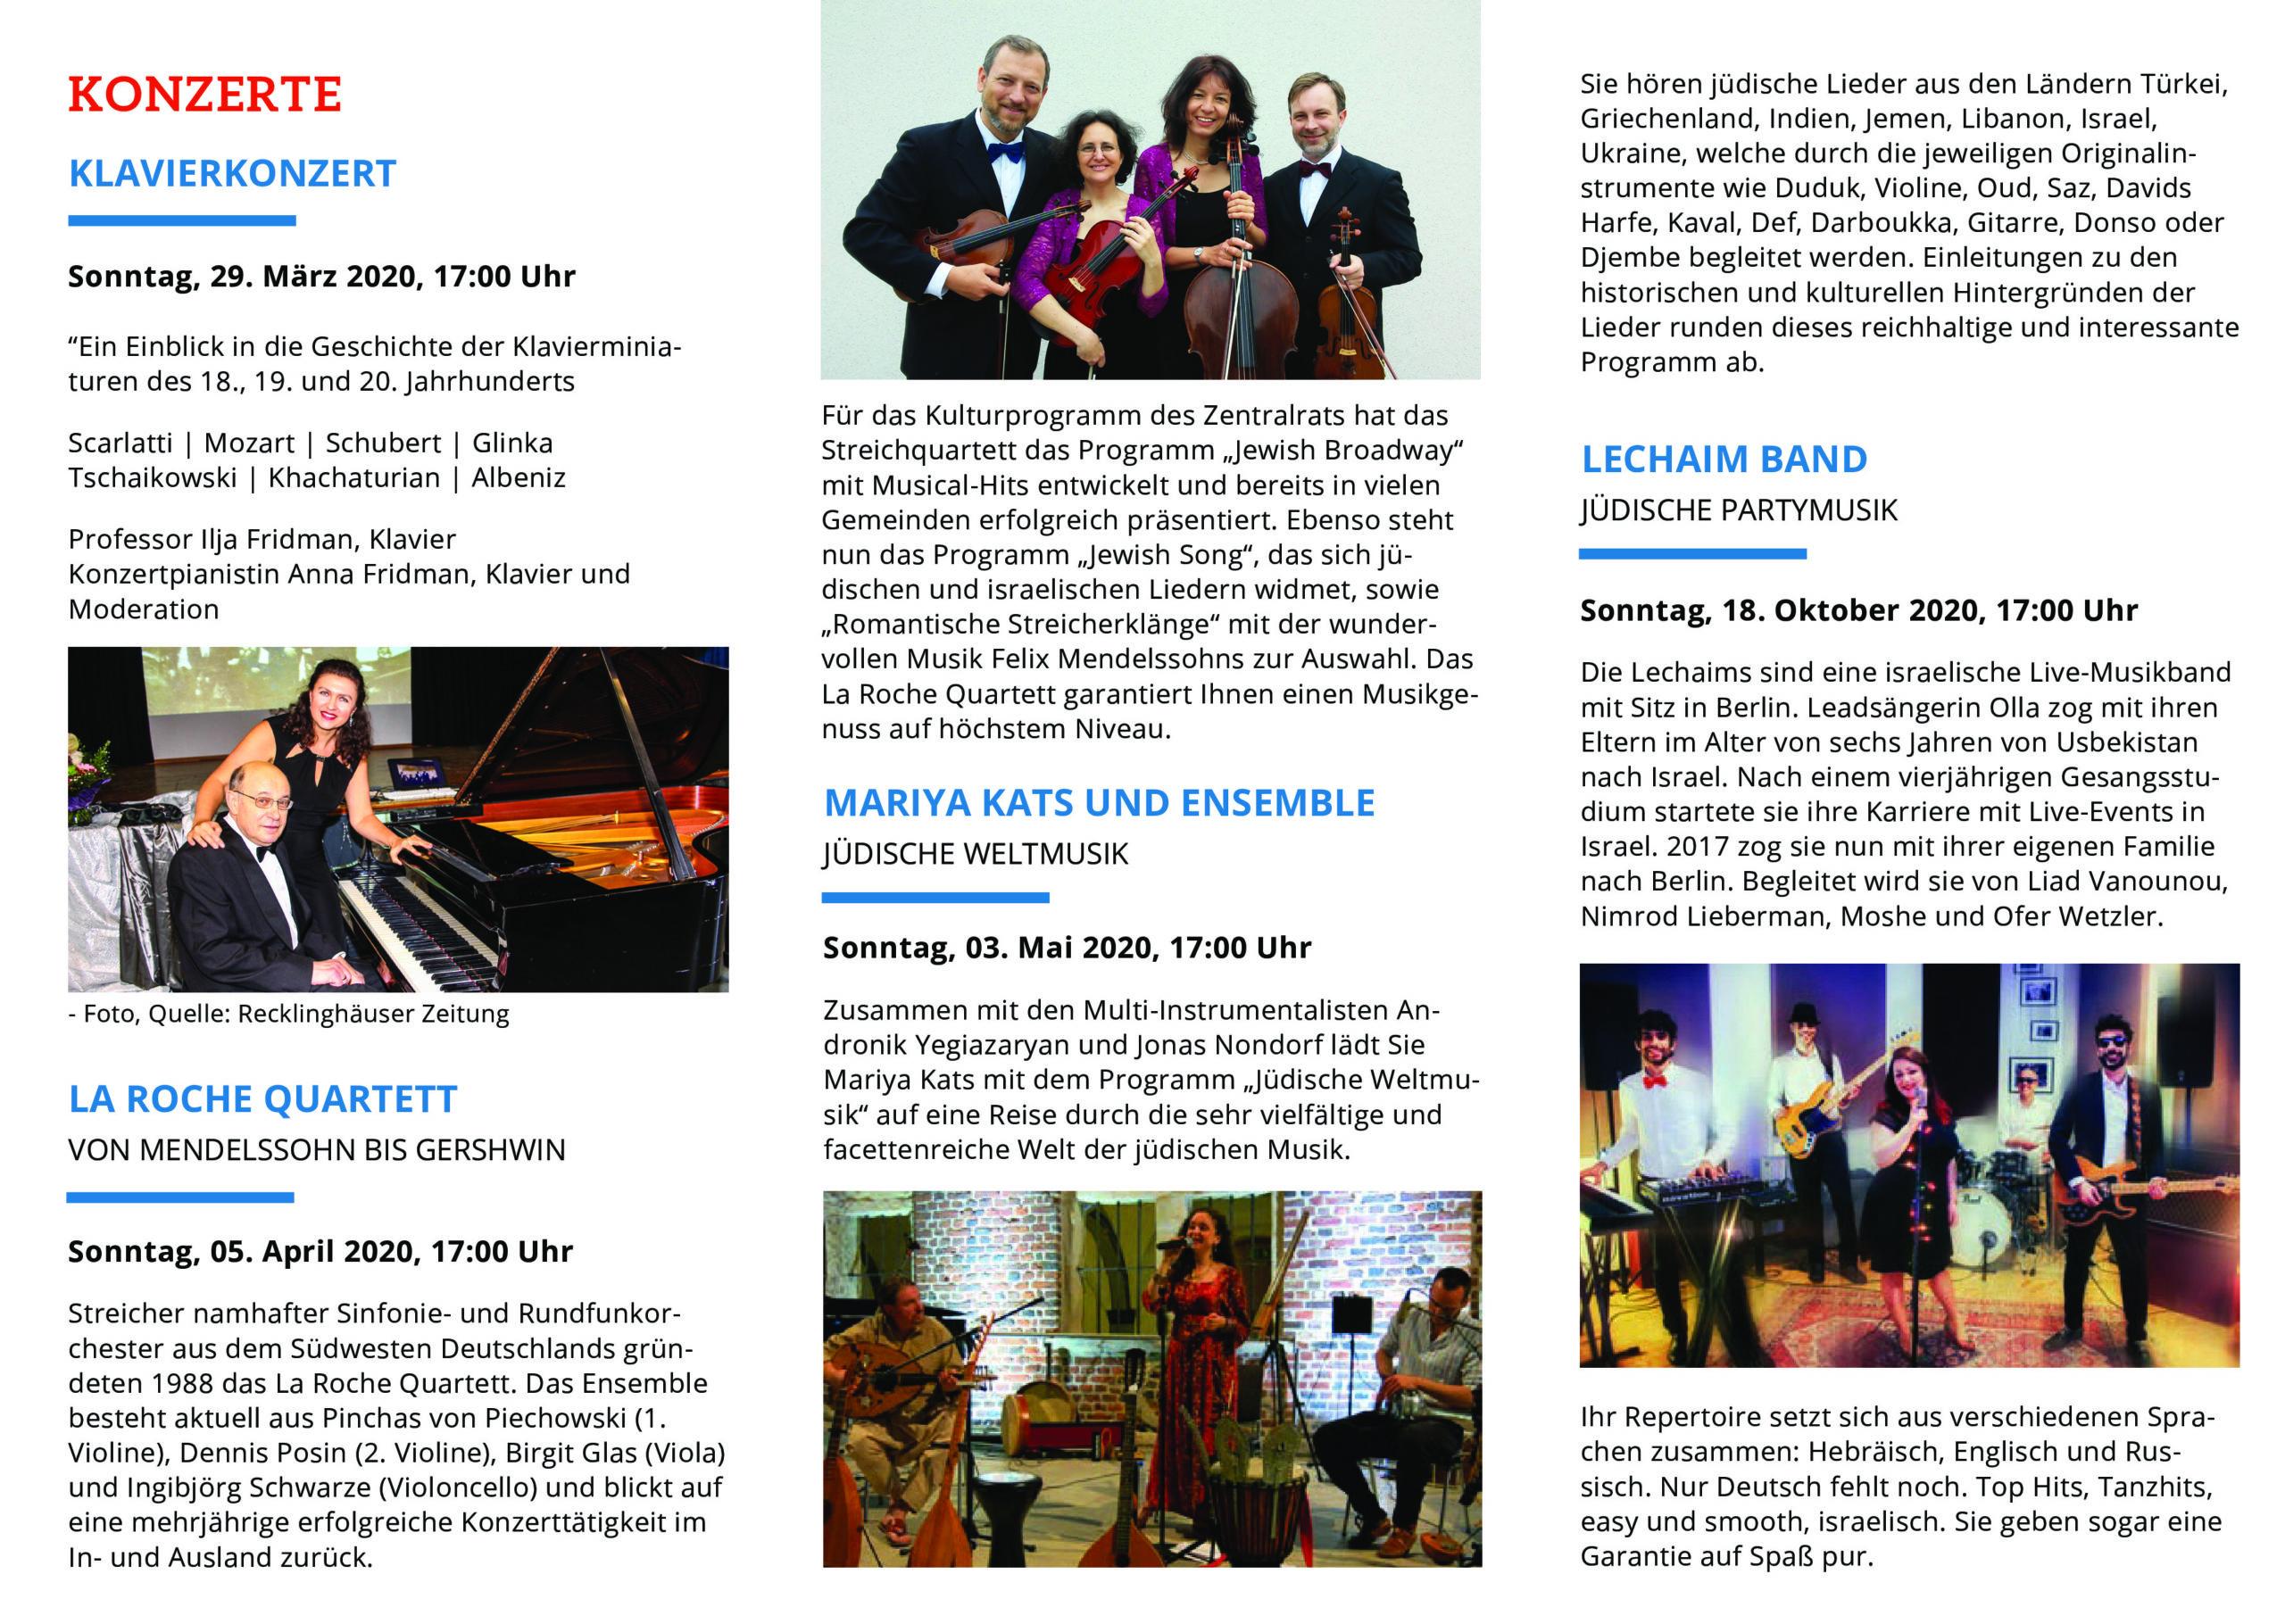 2020_Kulturprogramm_Flyer-1-scaled